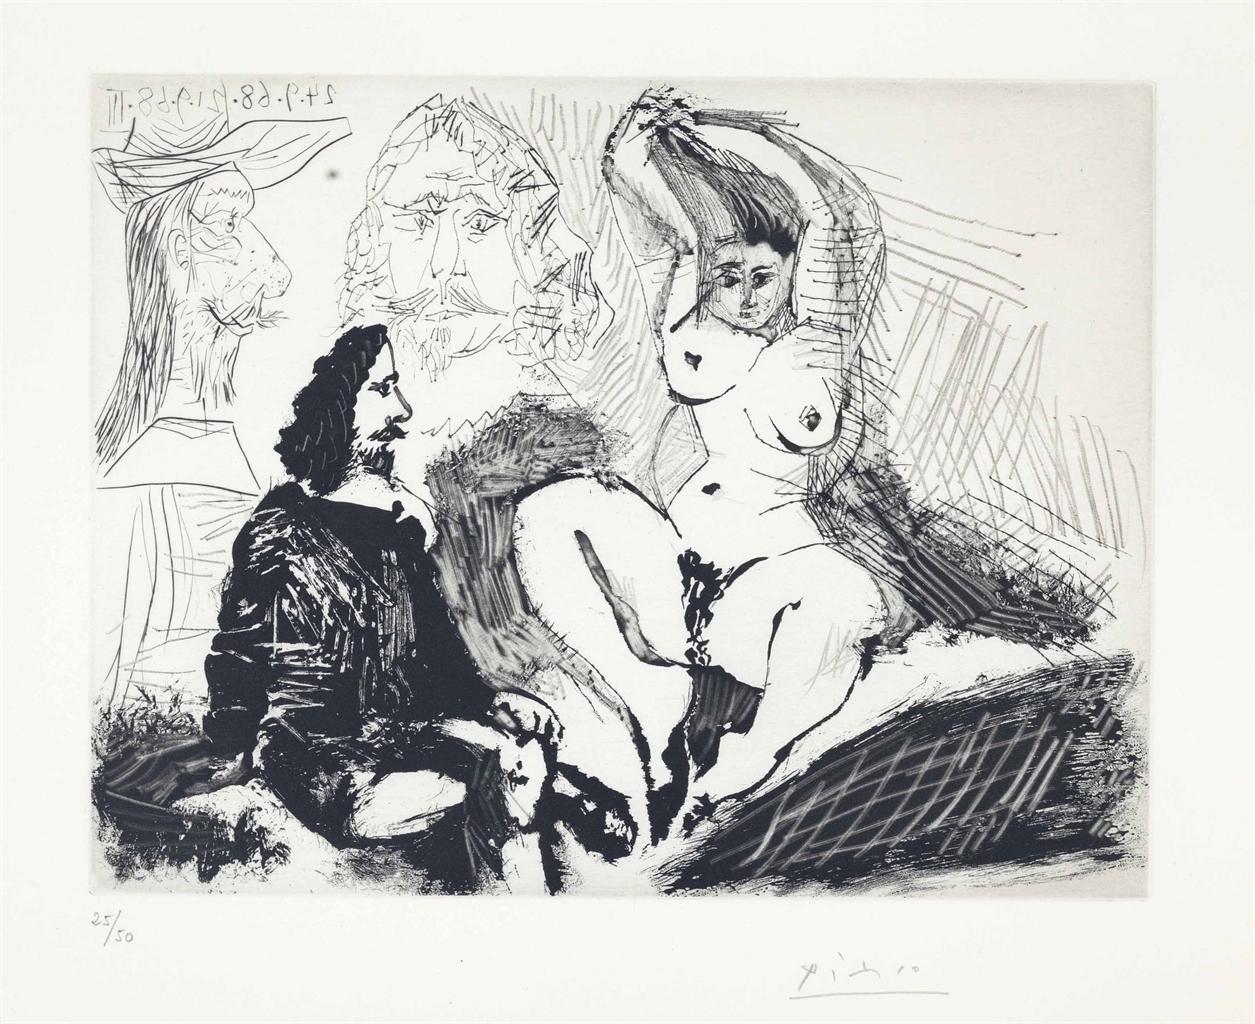 Pablo Picasso-Homme assis aupres d'une Femme se coiffant, from La Serie 347-1968